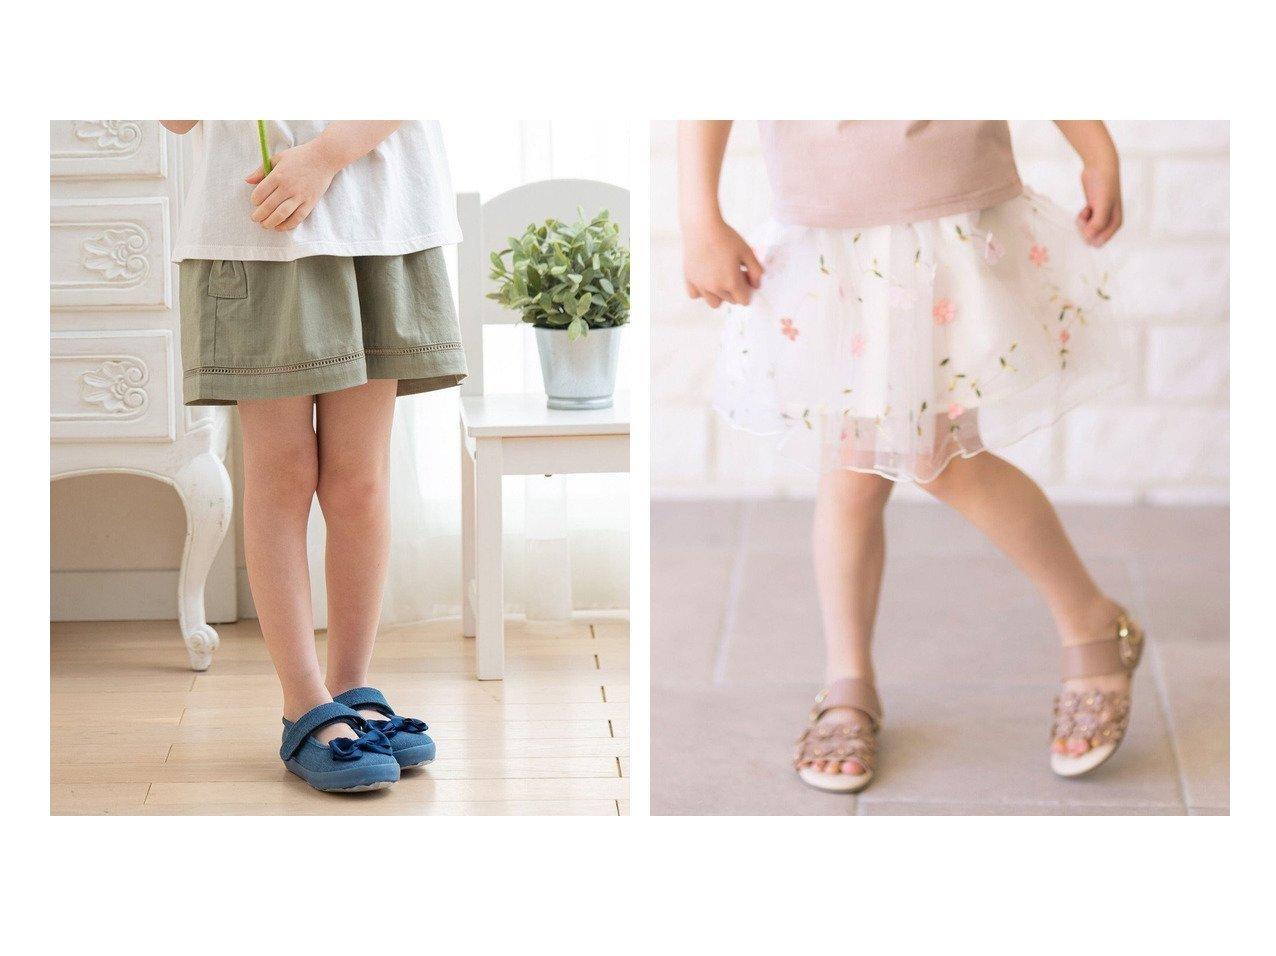 【anyFAM / KIDS/エニファム】の花モチーフチュールスカート&リボンポケット ショートパンツ 【KIDS】子供服のおすすめ!人気トレンド・キッズファッションの通販 おすすめで人気の流行・トレンド、ファッションの通販商品 インテリア・家具・メンズファッション・キッズファッション・レディースファッション・服の通販 founy(ファニー) https://founy.com/ ファッション Fashion キッズファッション KIDS ボトムス Bottoms/Kids ガーリー ショート シンプル 人気 ポケット モチーフ リボン レース 再入荷 Restock/Back in Stock/Re Arrival 送料無料 Free Shipping エレガント スウィート タイツ ダウン チュール フォーマル フラワー レギンス ロマンティック おすすめ Recommend  ID:crp329100000044556